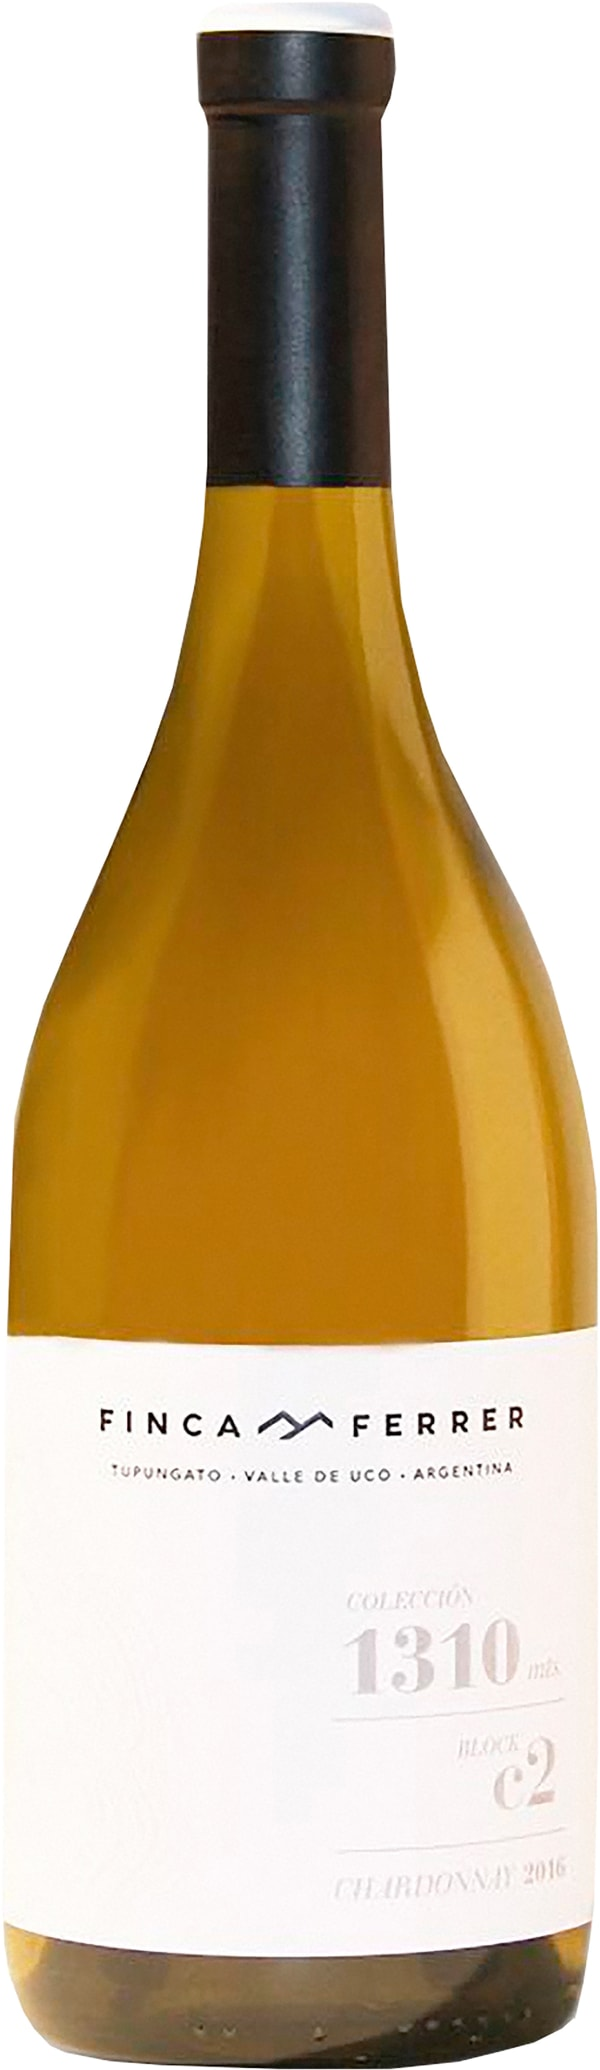 Finca Ferrer Colección 1310 mts. Block C2 Chardonnay 2016